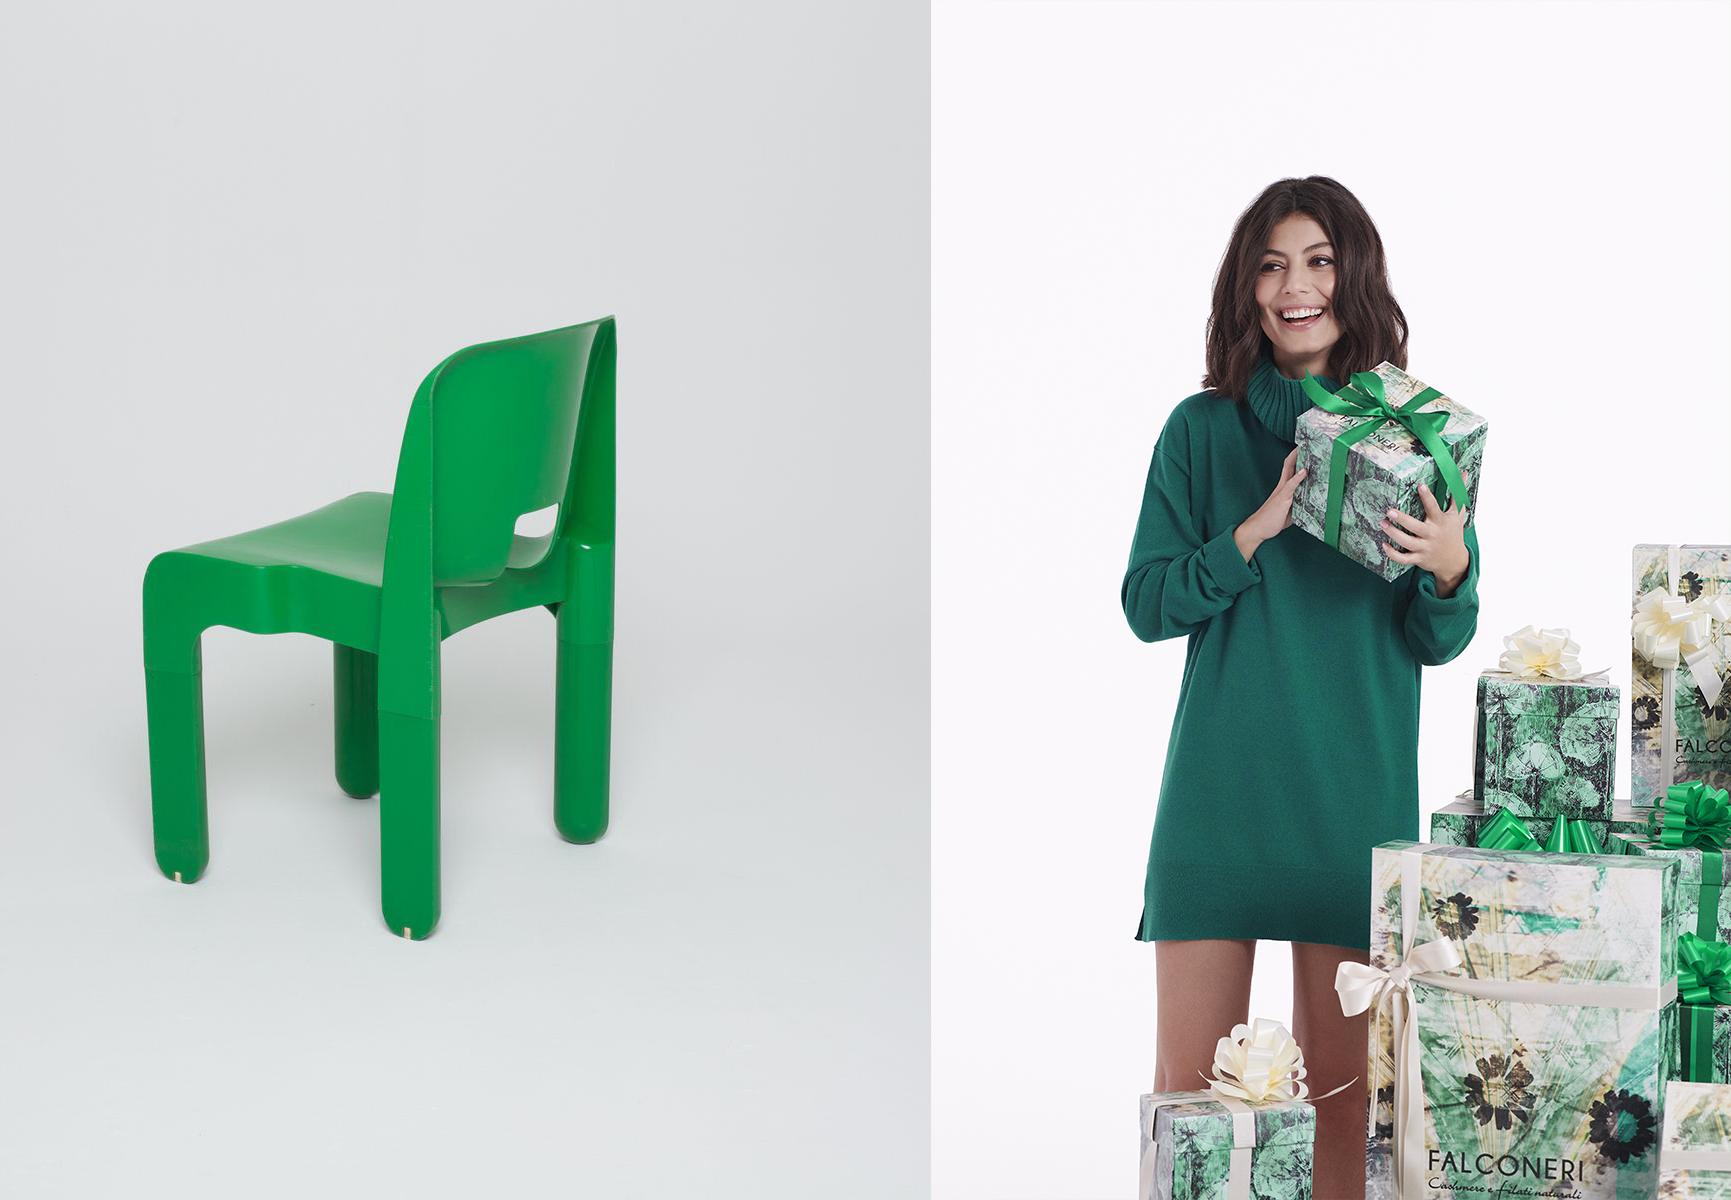 Sedie design famose sedie a dondolo design sedie di design il biglietto da visita - Sedie di design famosi ...